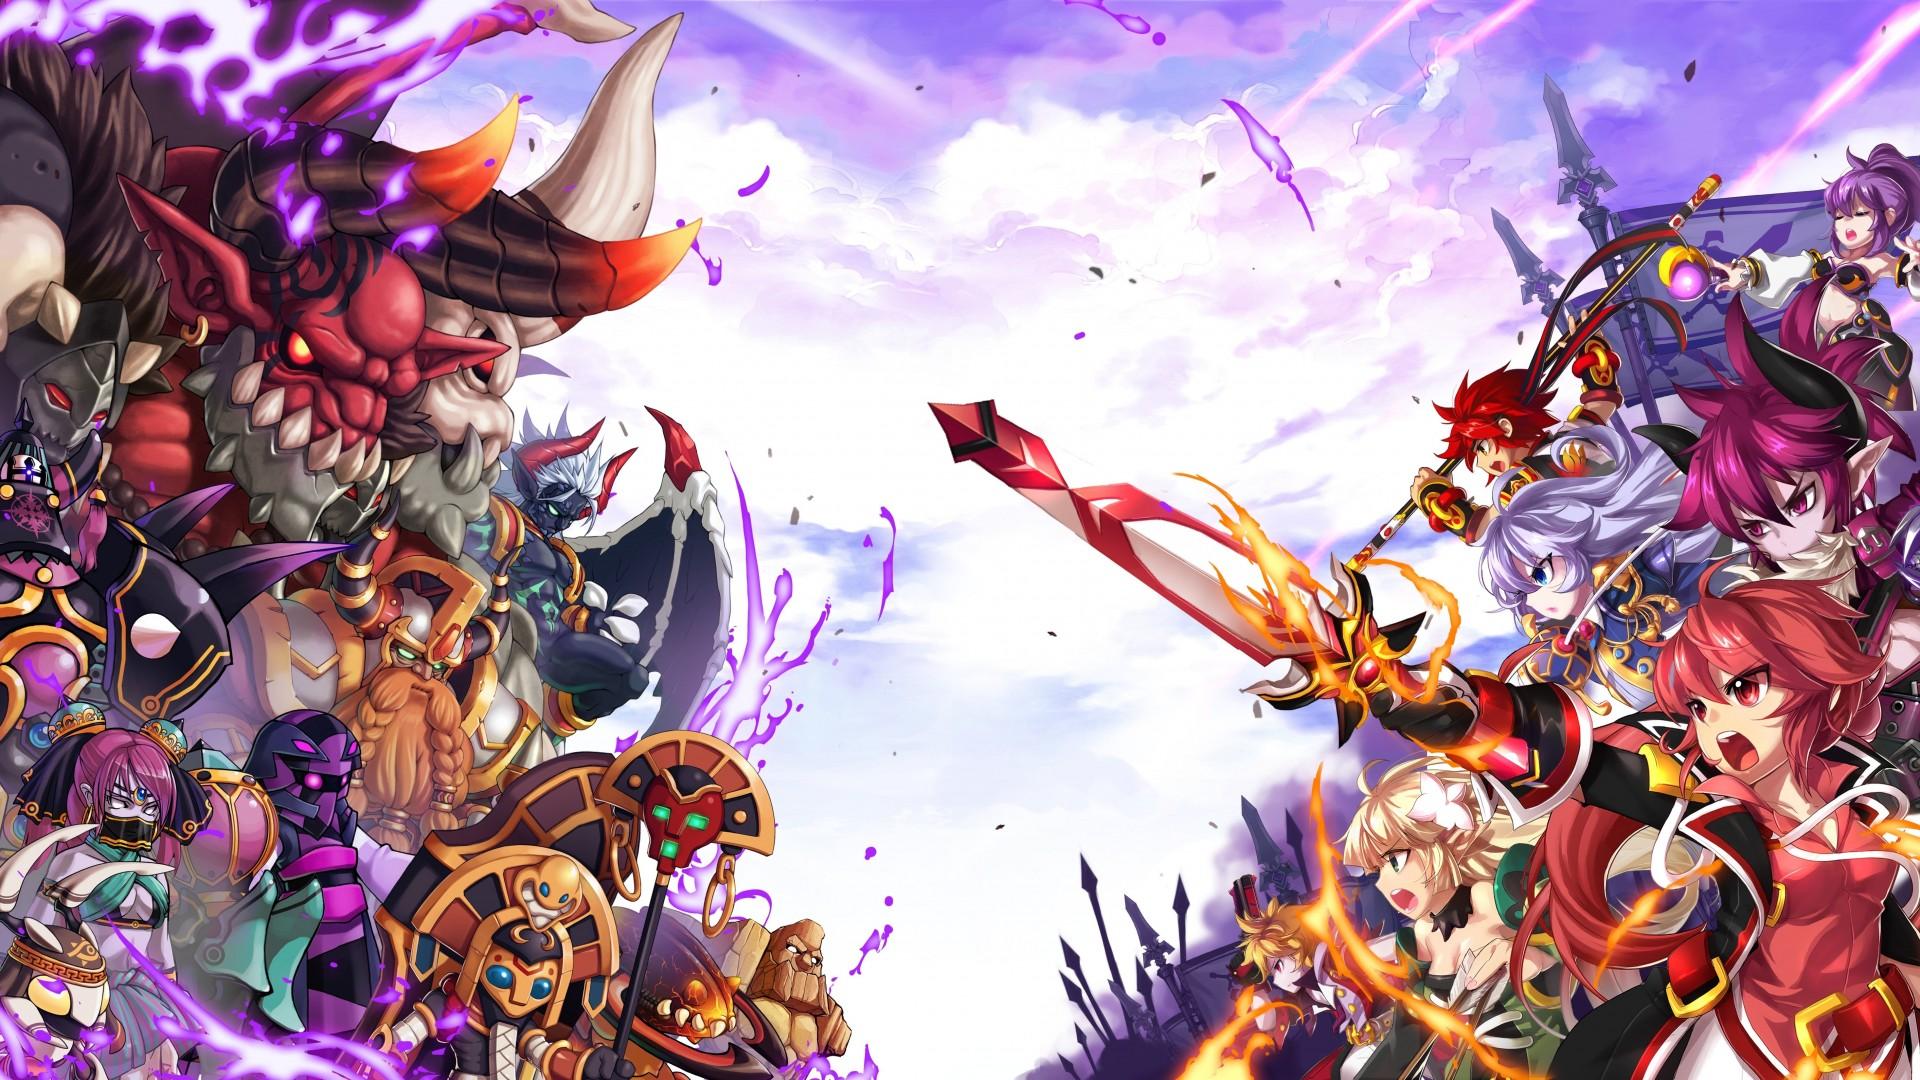 Grand Chase: Elenco de personagens jogáveis contra monstros do jogo.